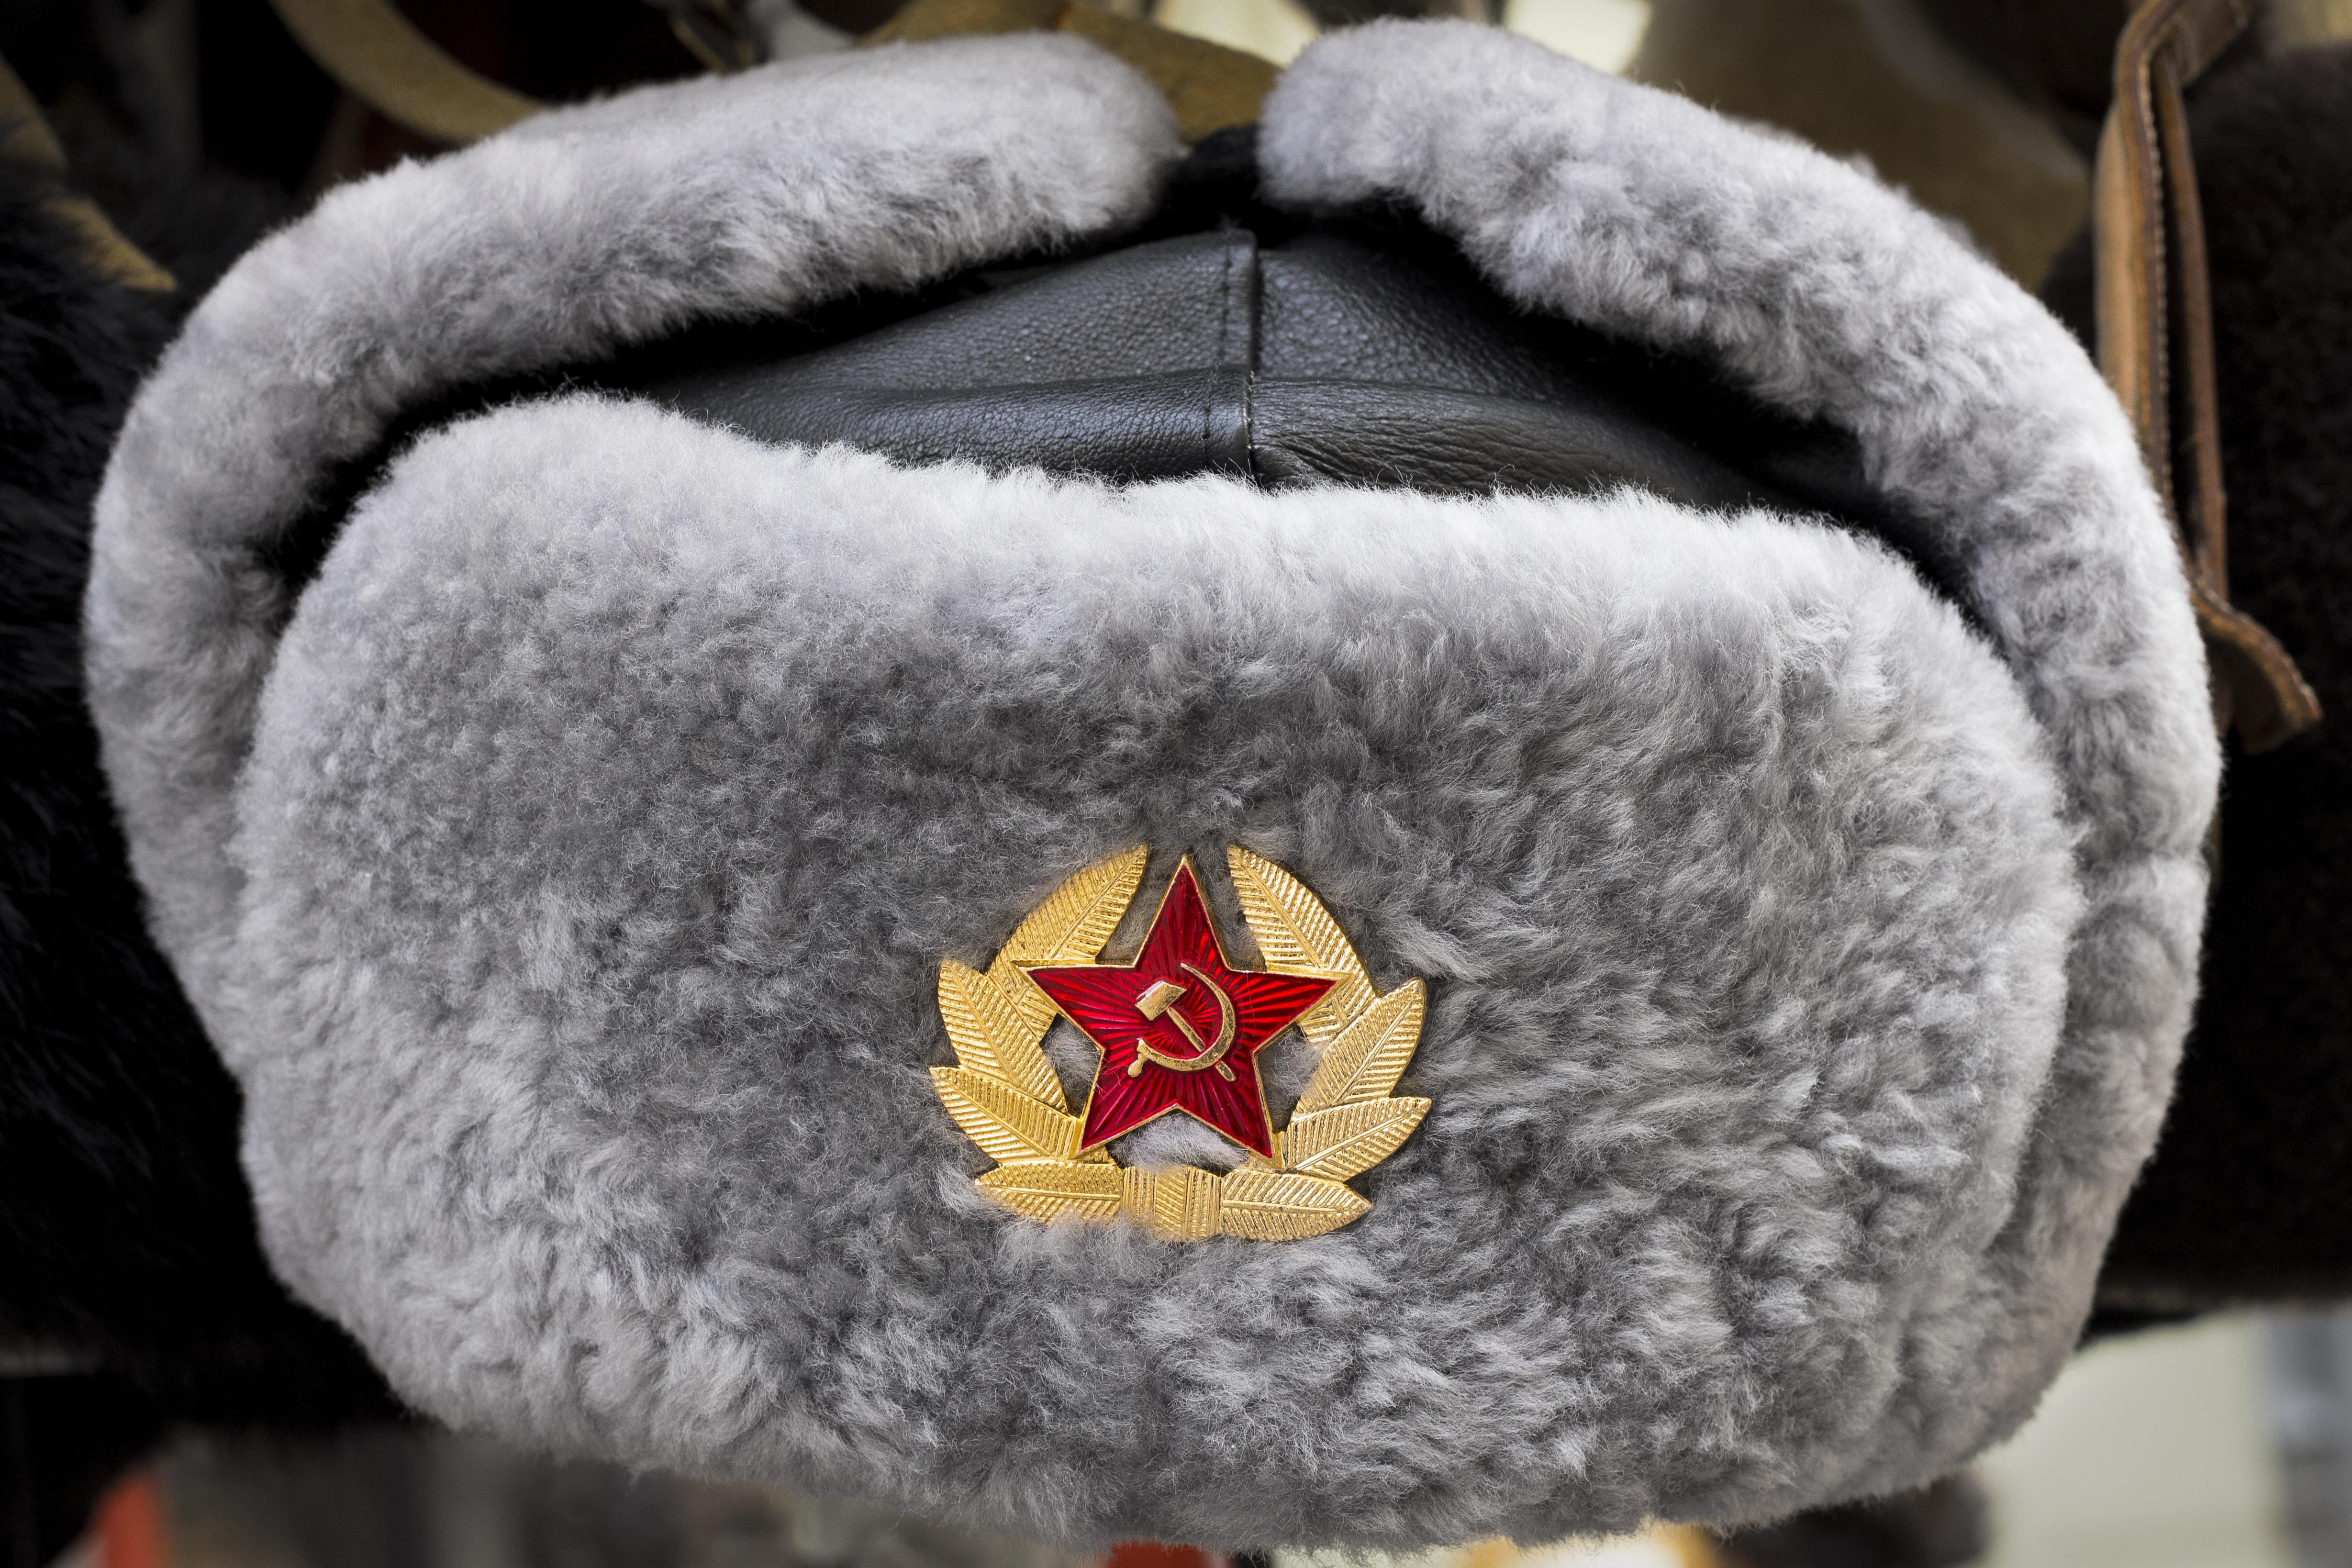 قبعة من الفرو تحمل شعار الاتحاد السوفيتي